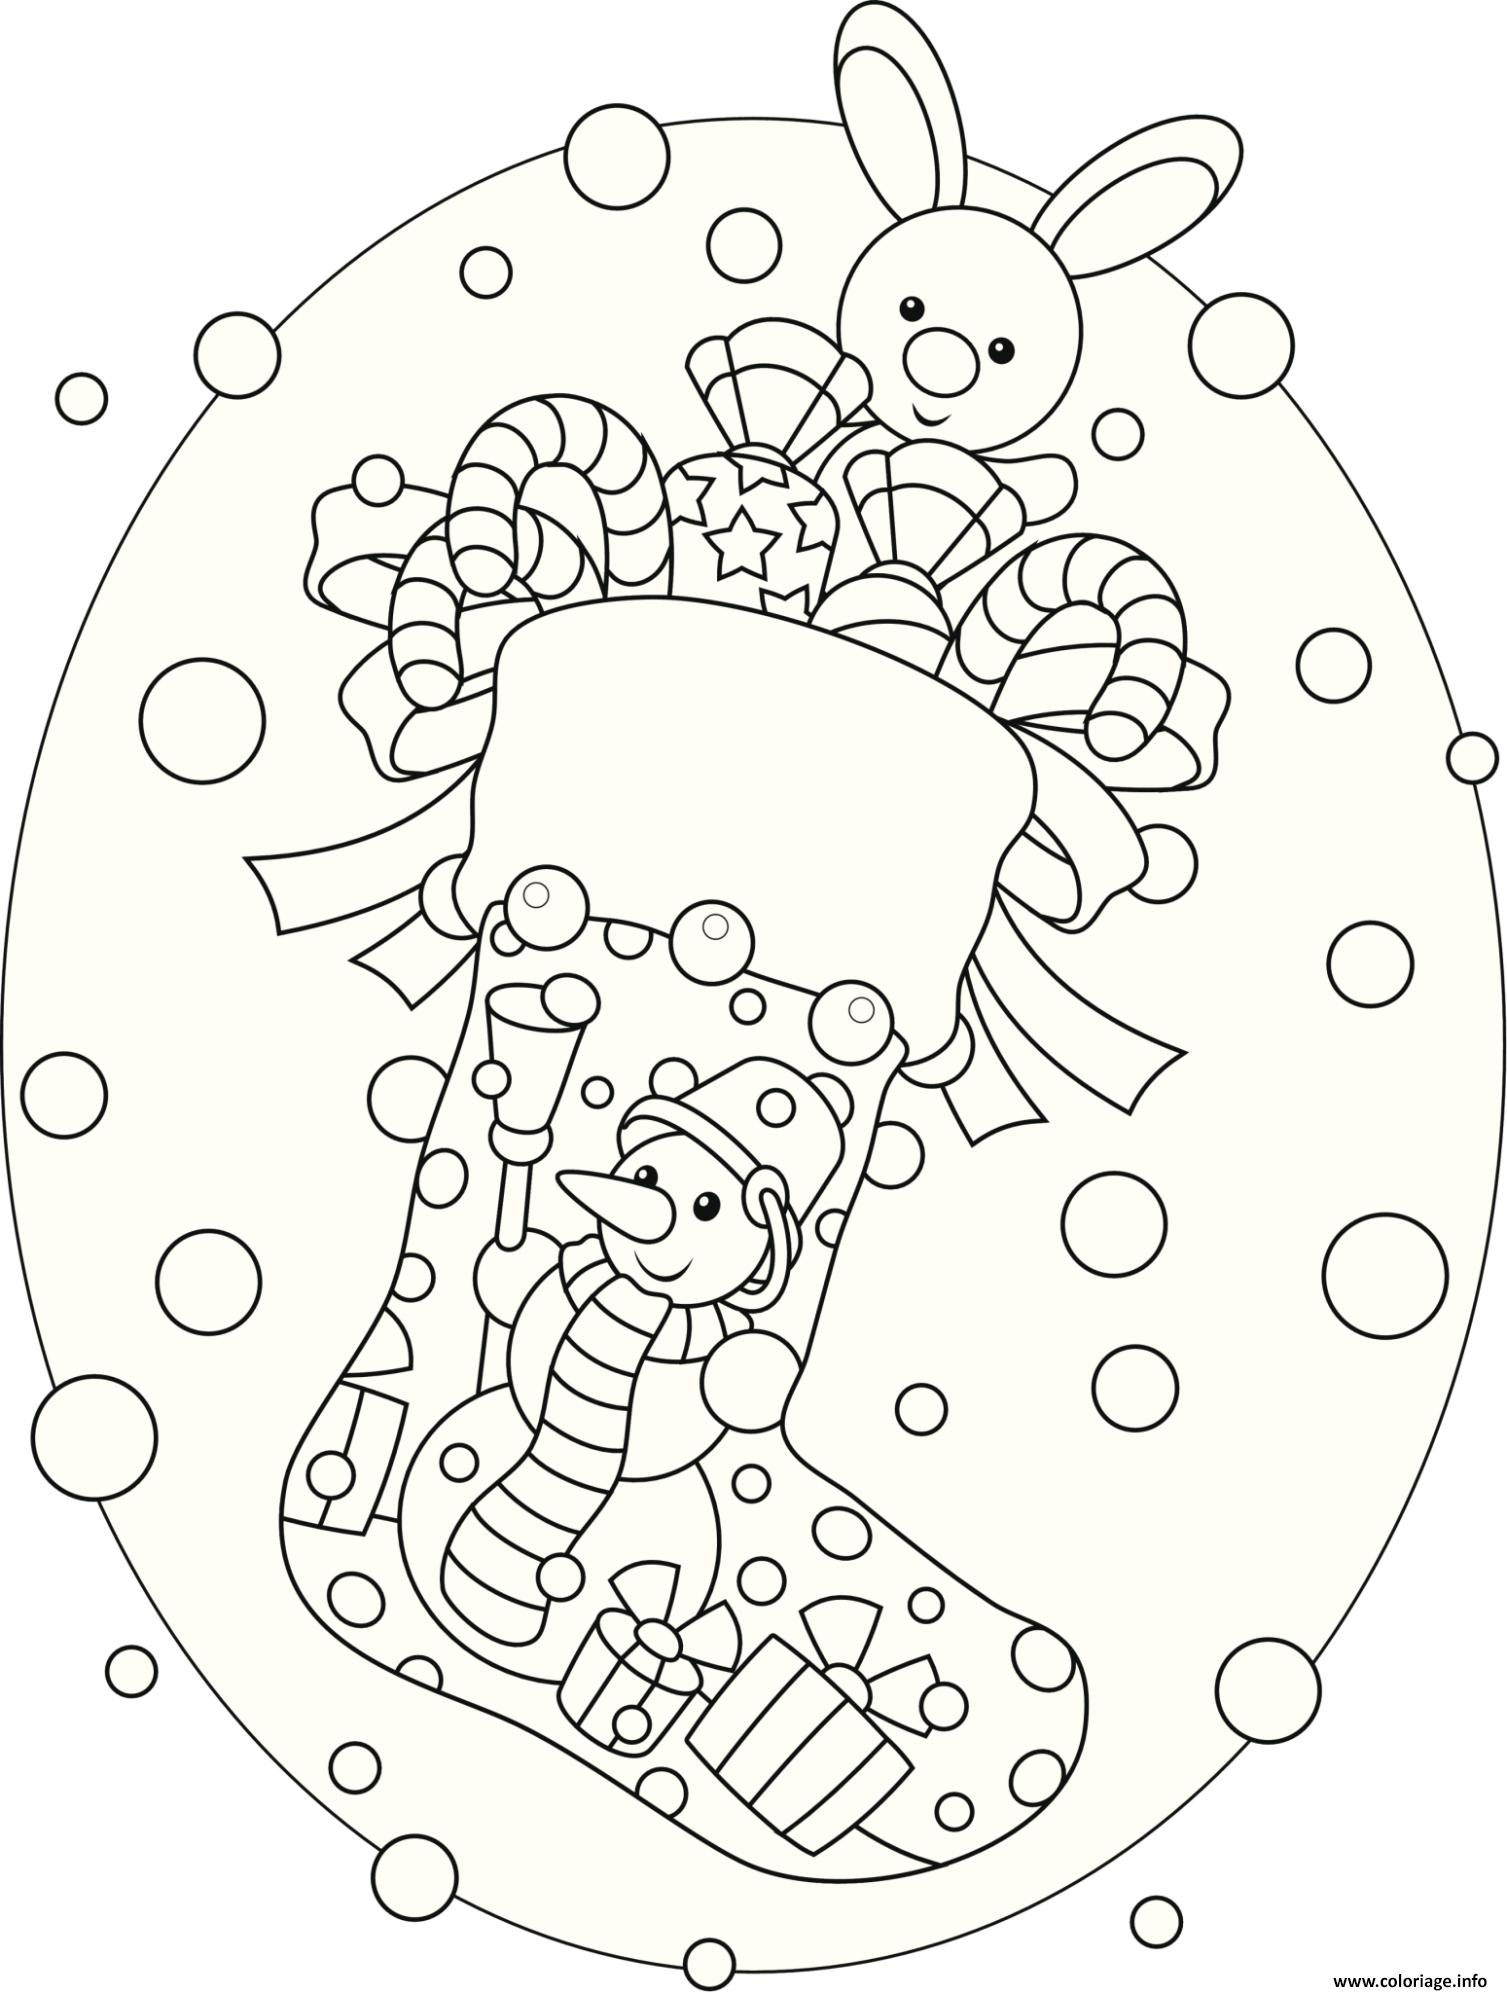 Coloriage bas de noel facile dessin - Coloriage colorier ...